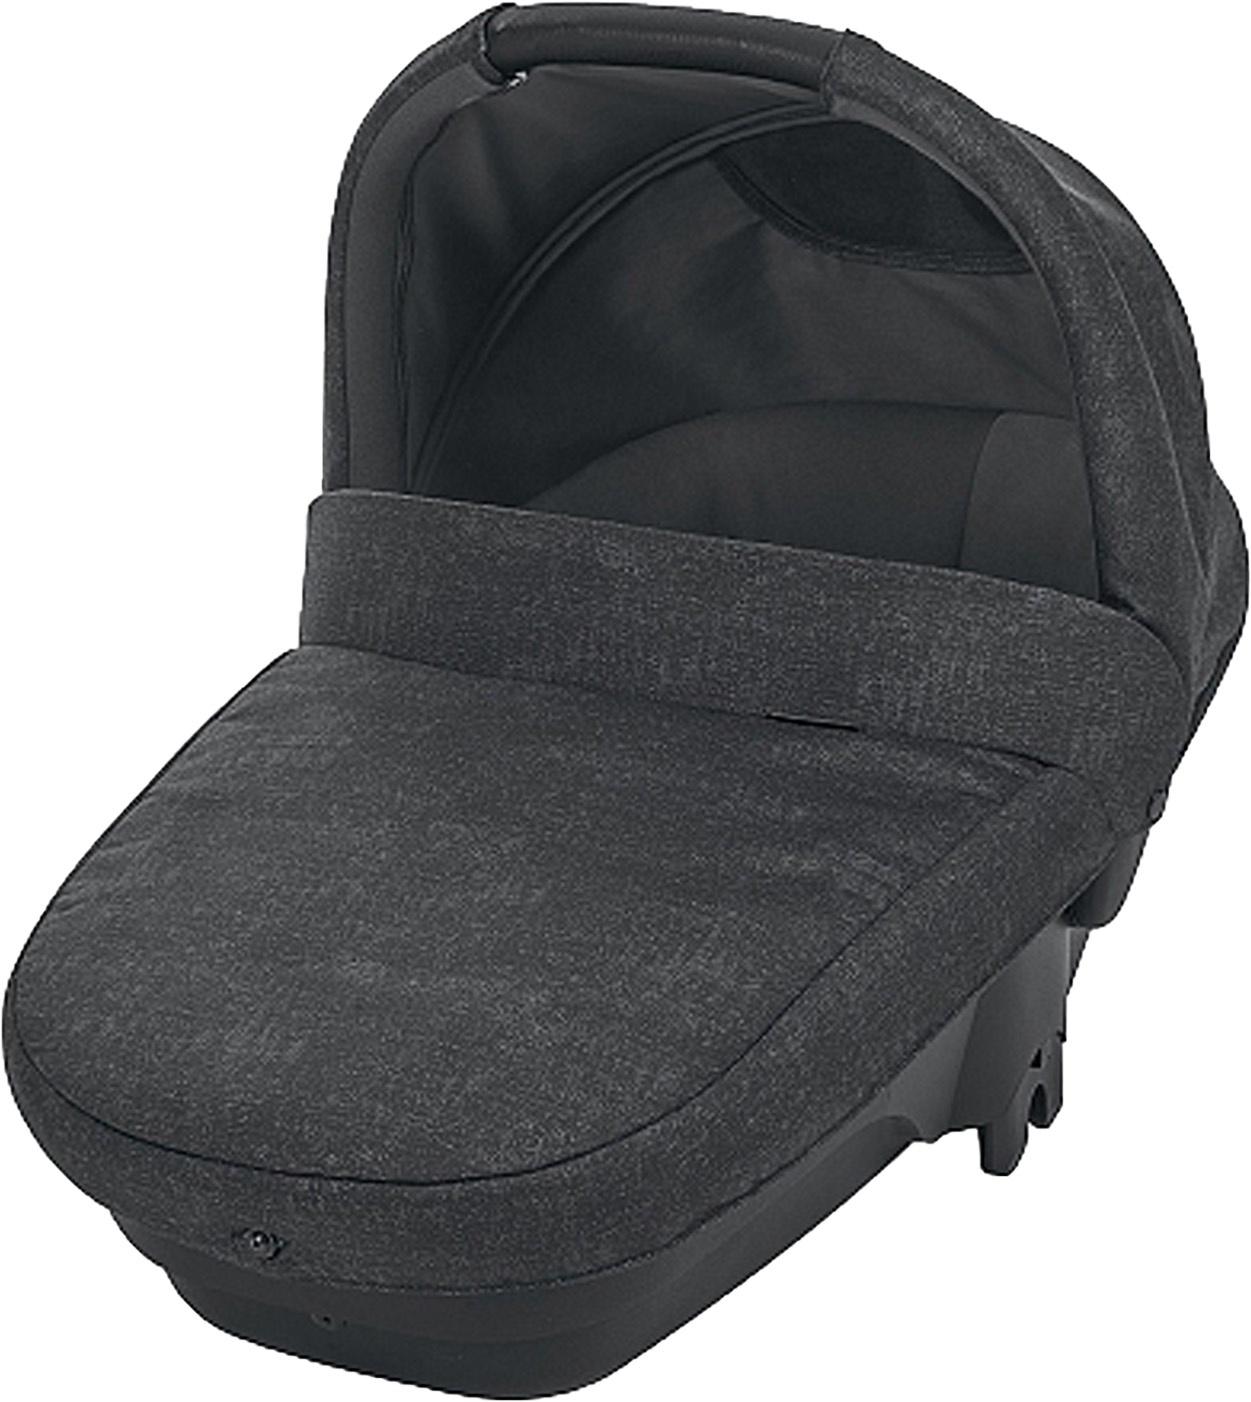 цена Люлька для коляски Bebe Confort 90637 черный в интернет-магазинах